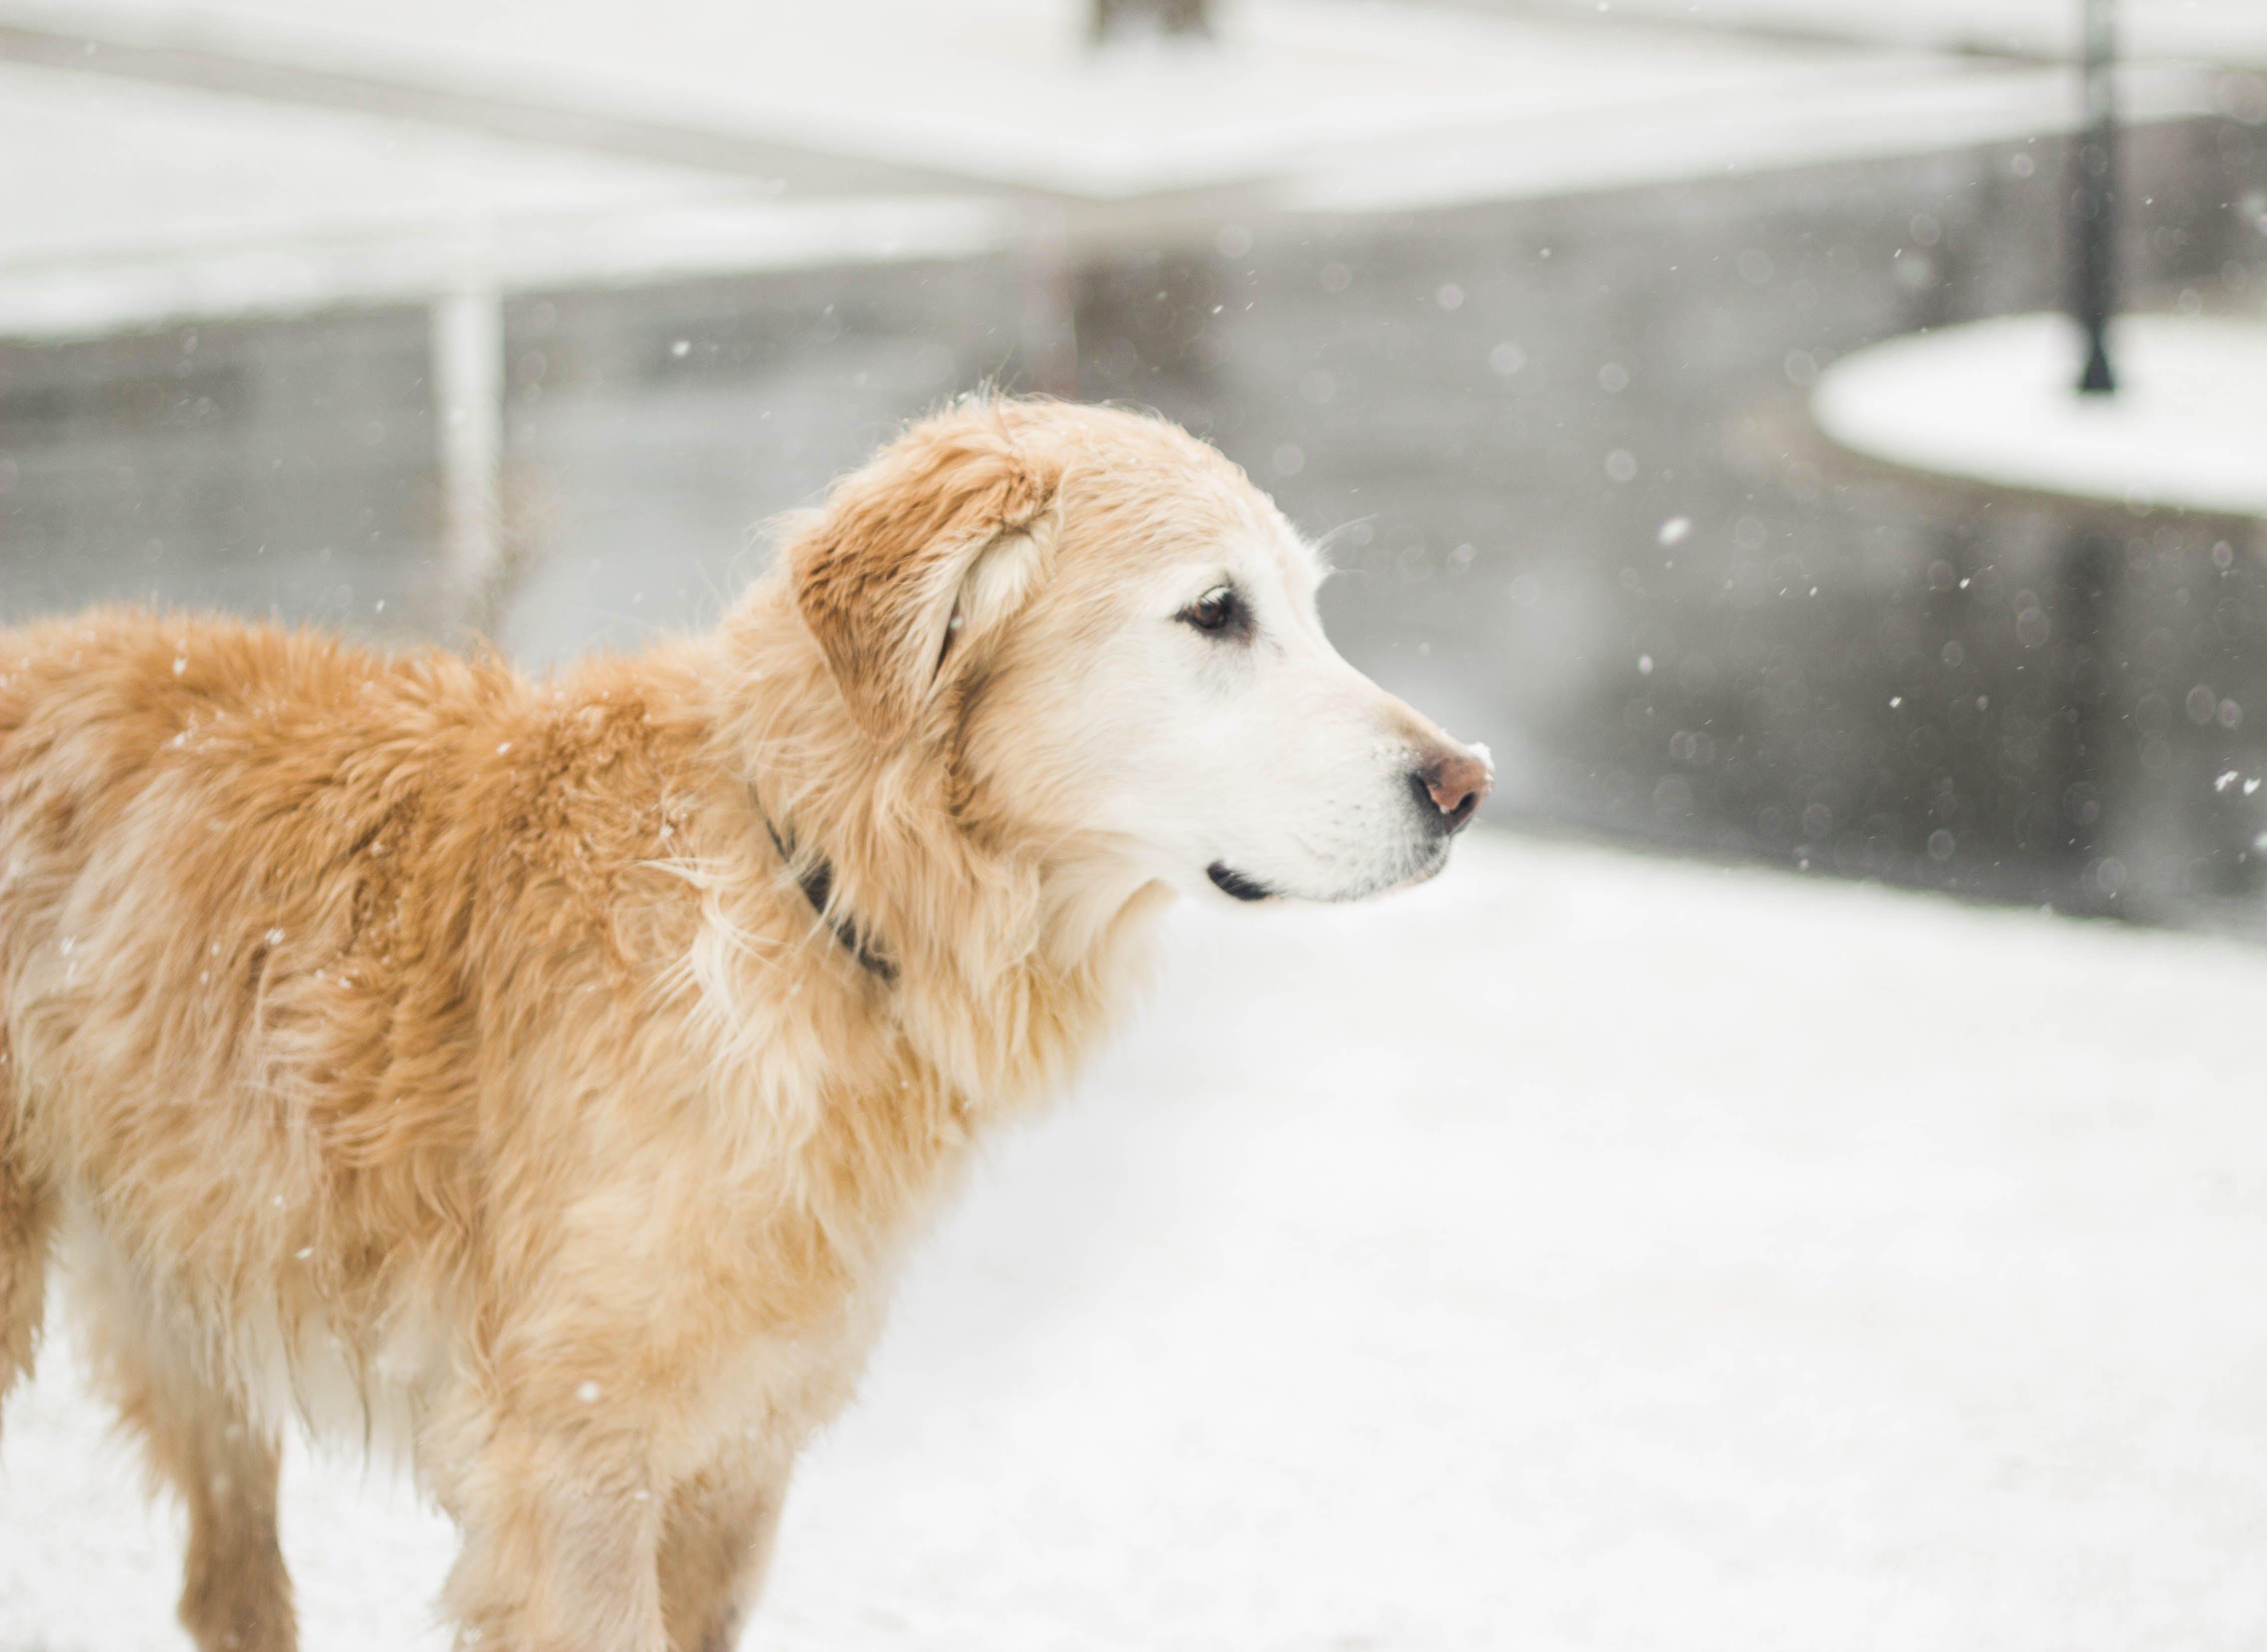 Kostenloses Stock Foto zu golden retriever, haustier, hund, kalt